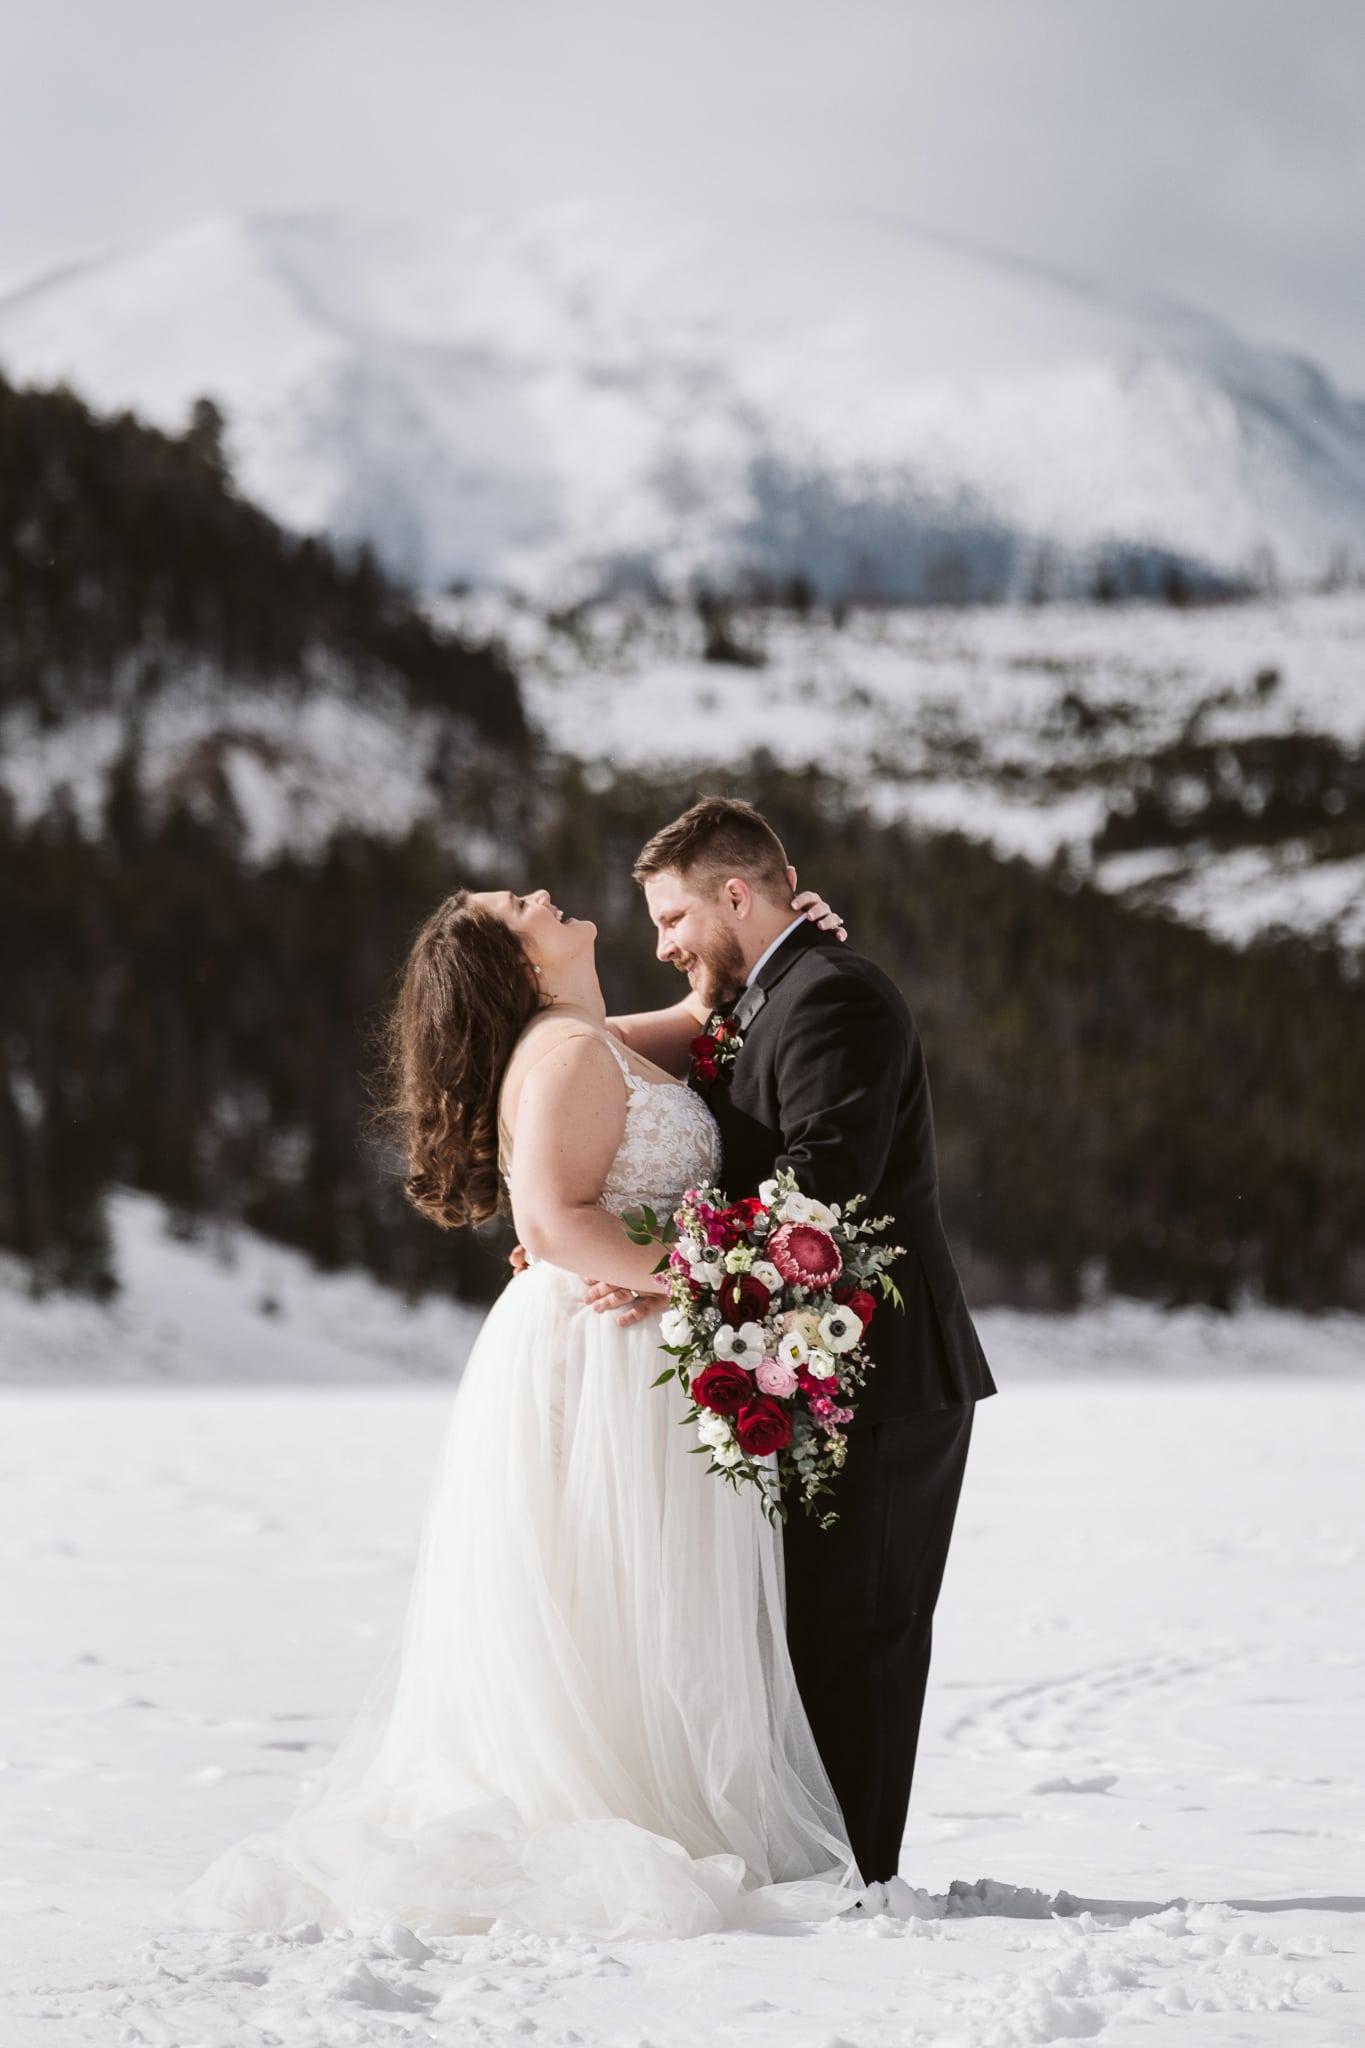 Winter elopement in Colorado